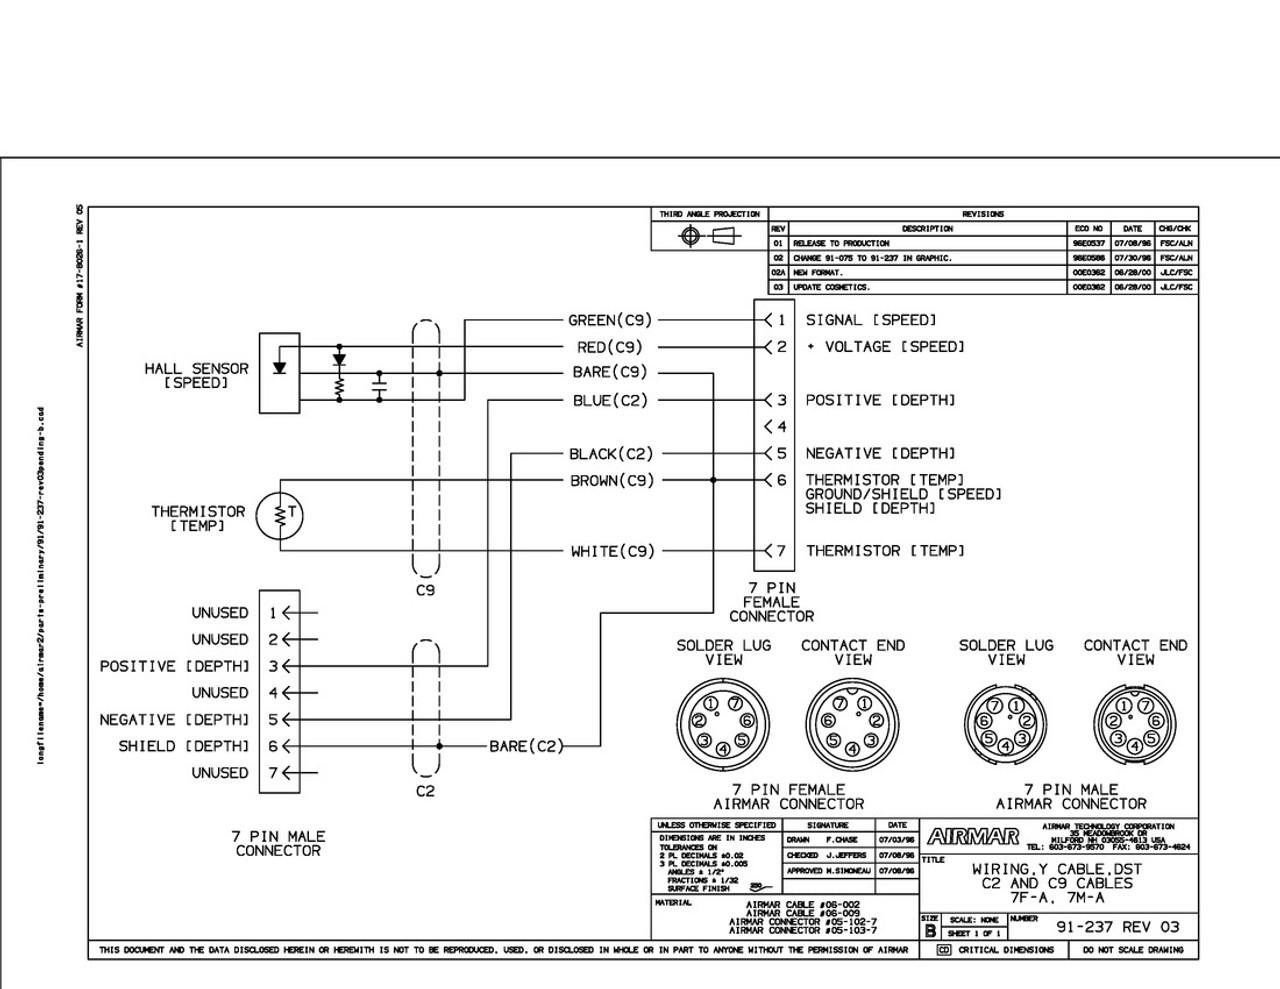 garmin transducer wiring diagram 4 pin wiring librarygarmin transducer wiring diagram 4 pin [ 1280 x 989 Pixel ]